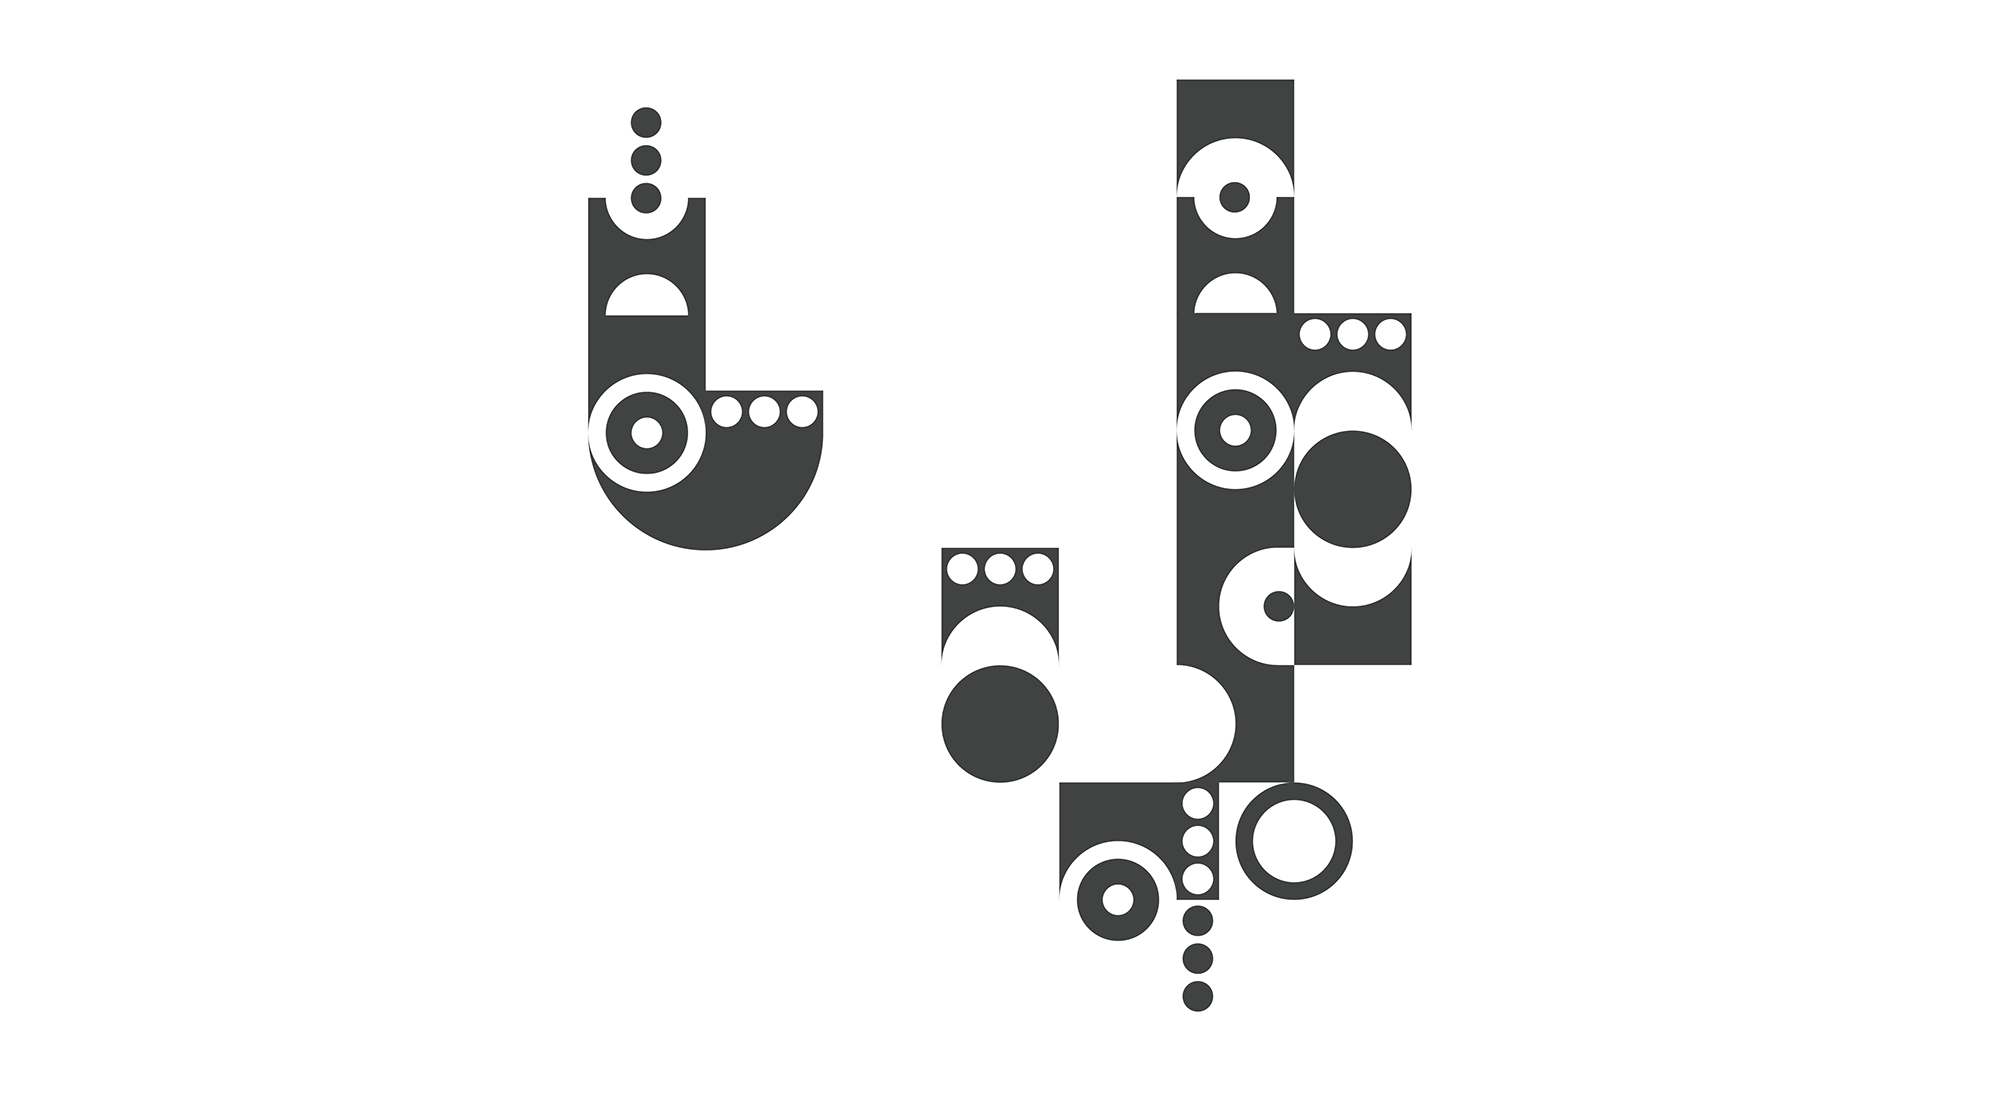 NHK-pattern